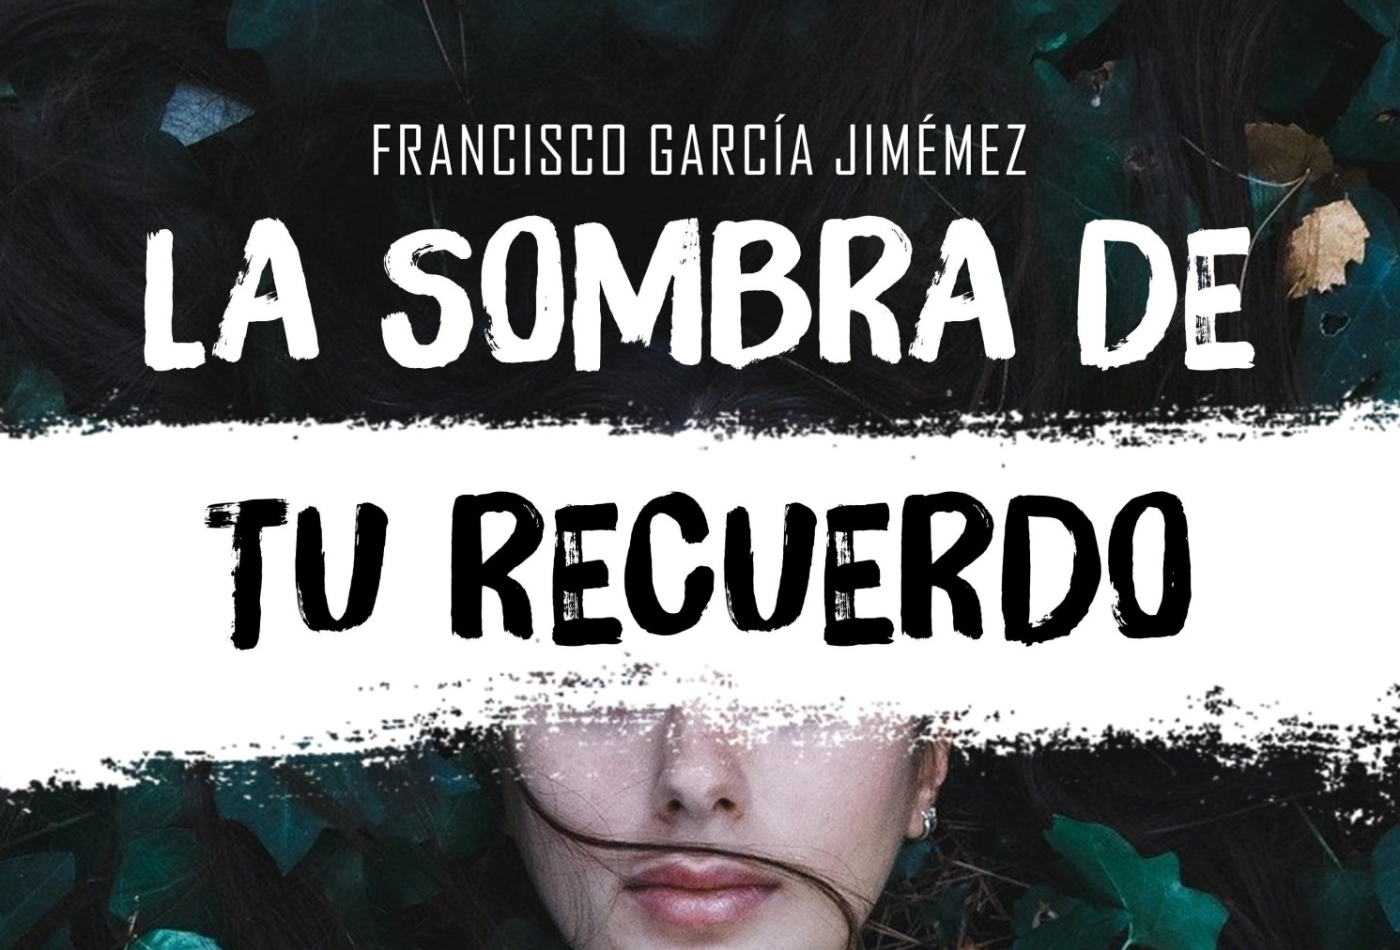 La sombra de tu recuerdo Francisco García Jiménez